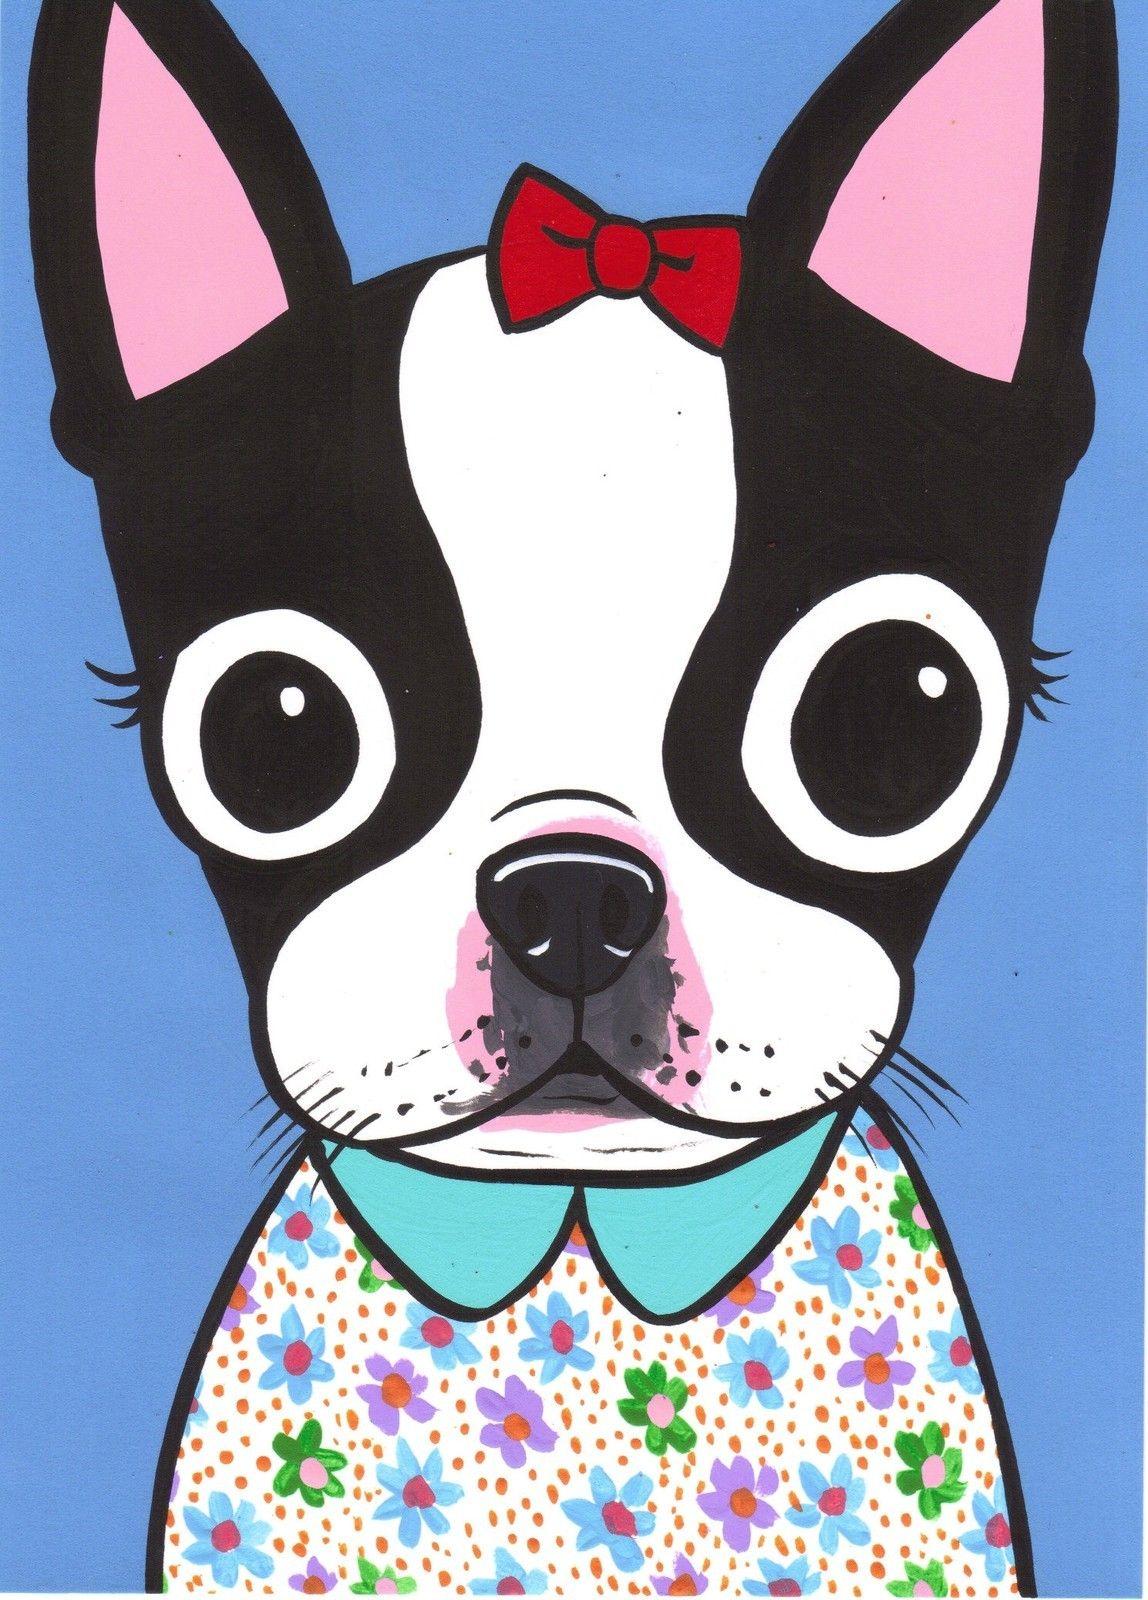 Ebay Print Boston Terrier Art Boston Terrier Dog Boston Terrier Illustration